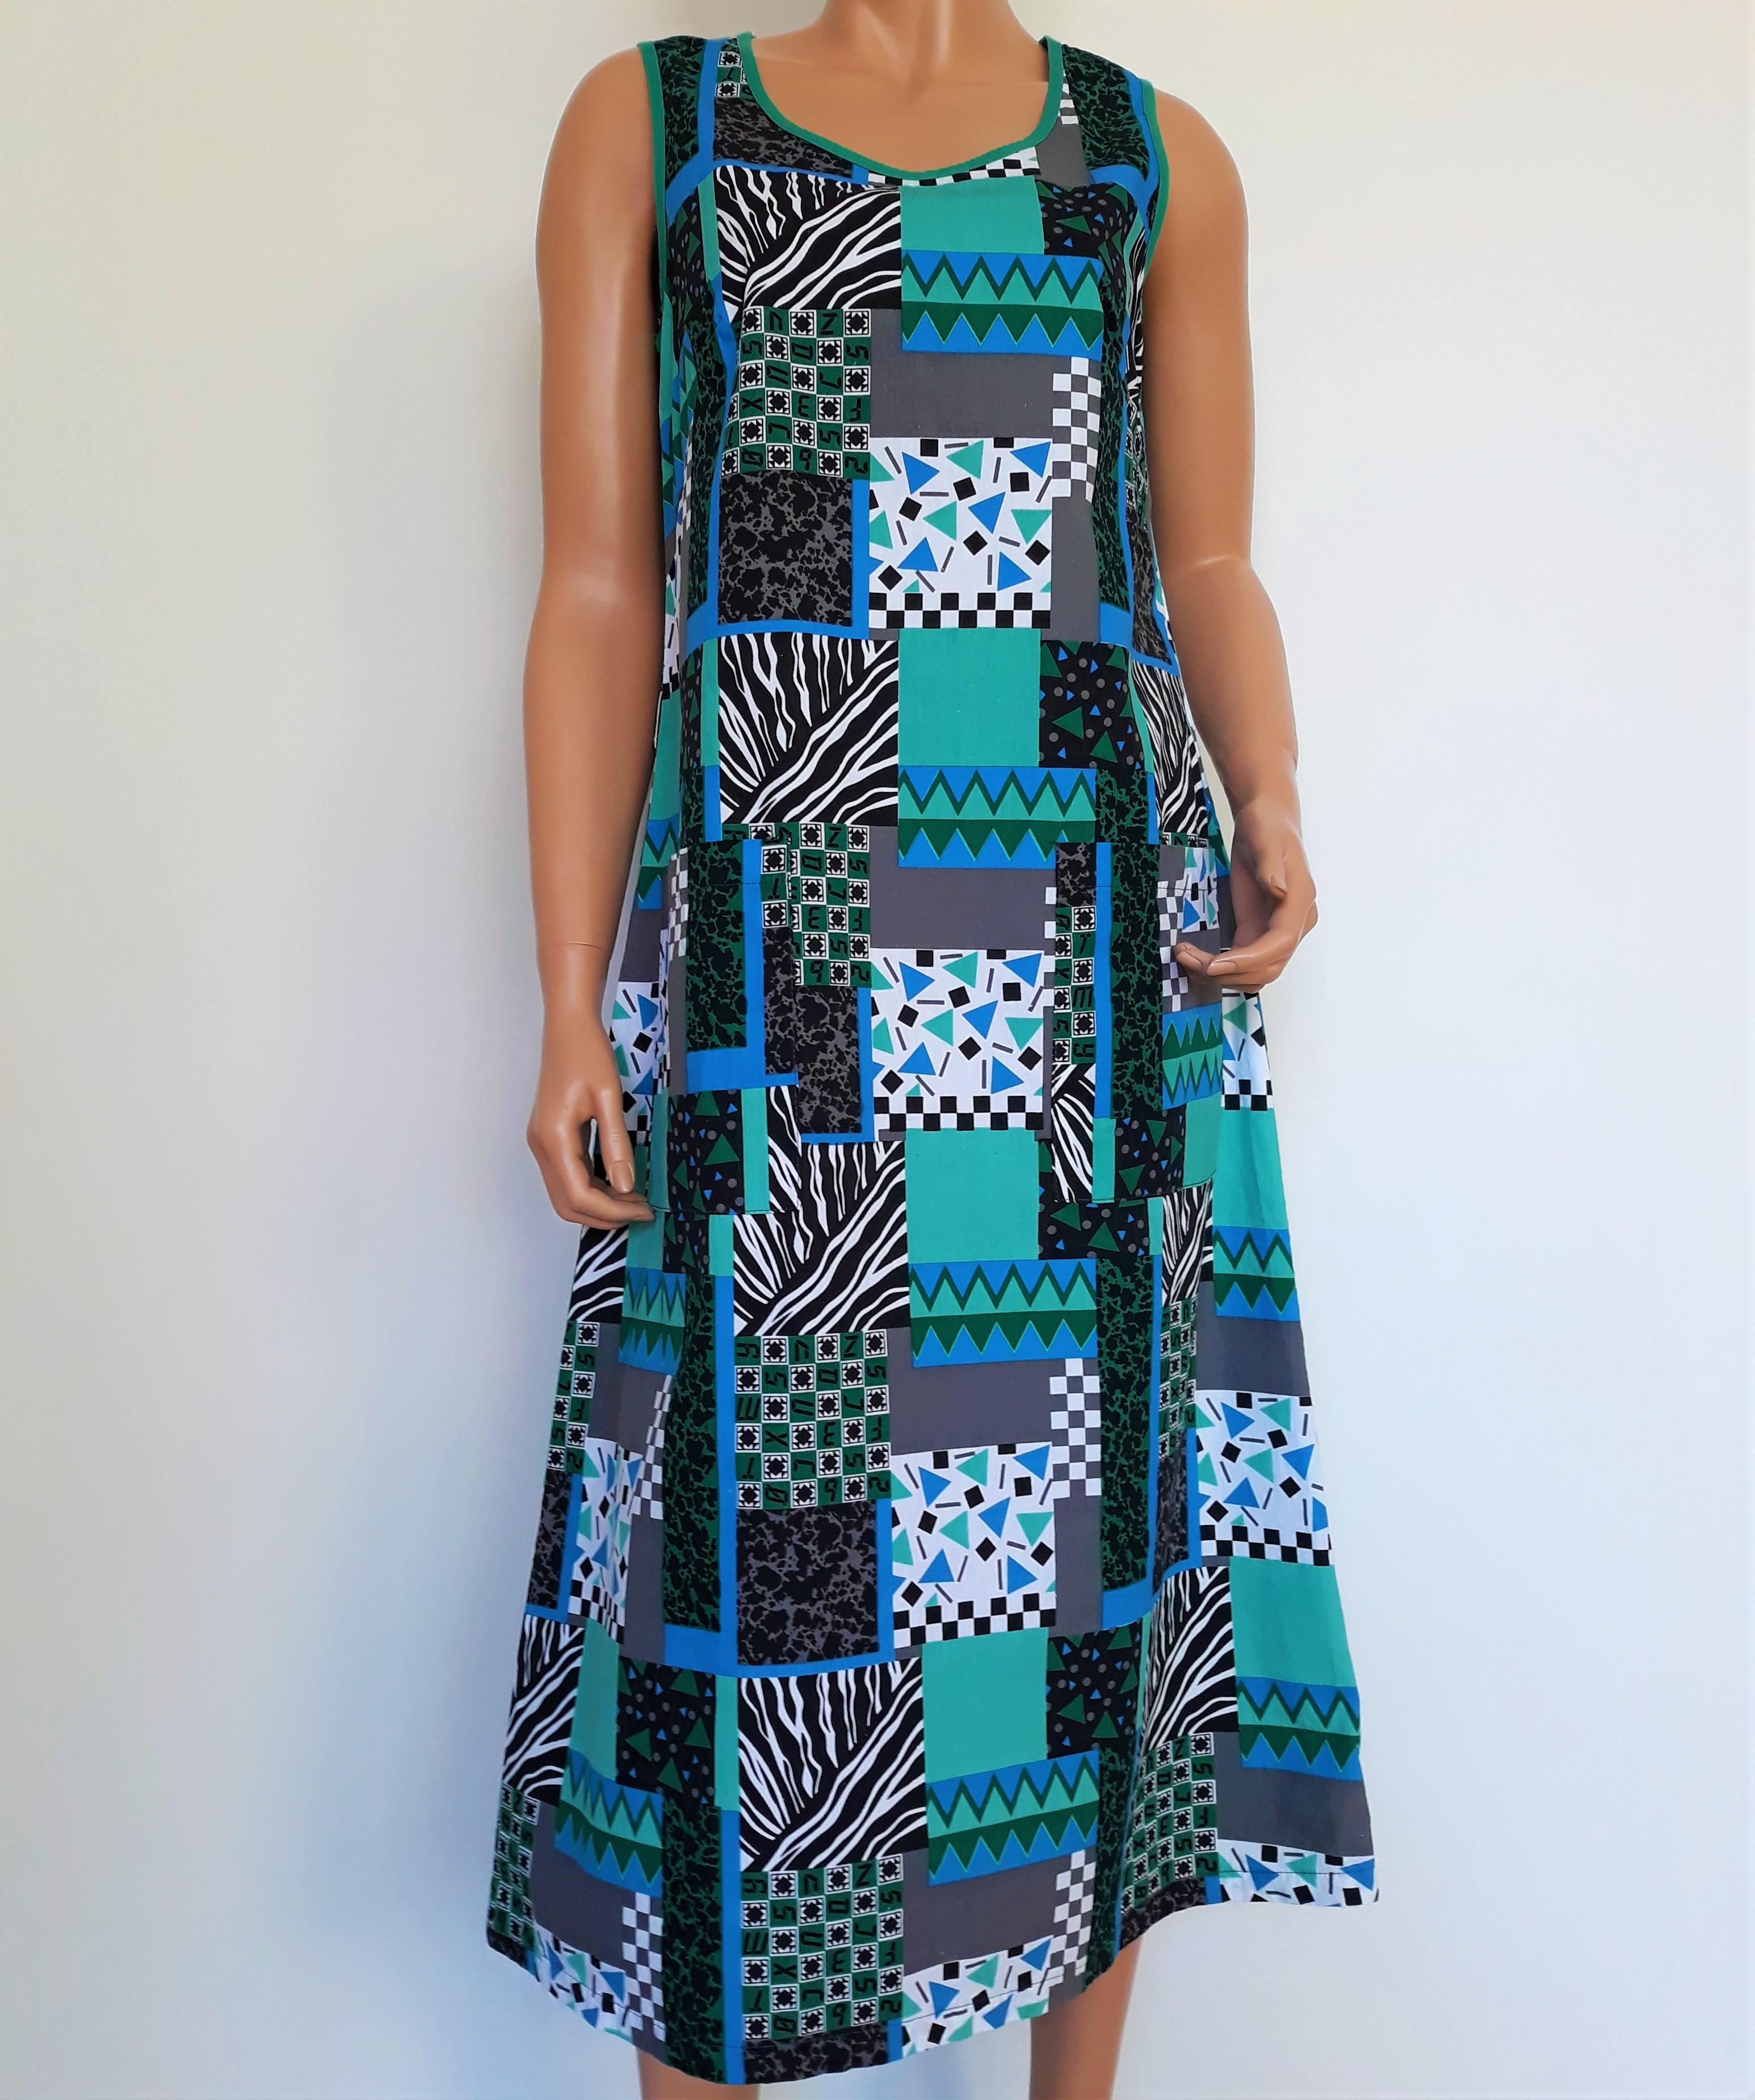 00b19ef1edd3 Moki mönstrad klänning i 100% bomull, vintage strl 38 - FixaStilen